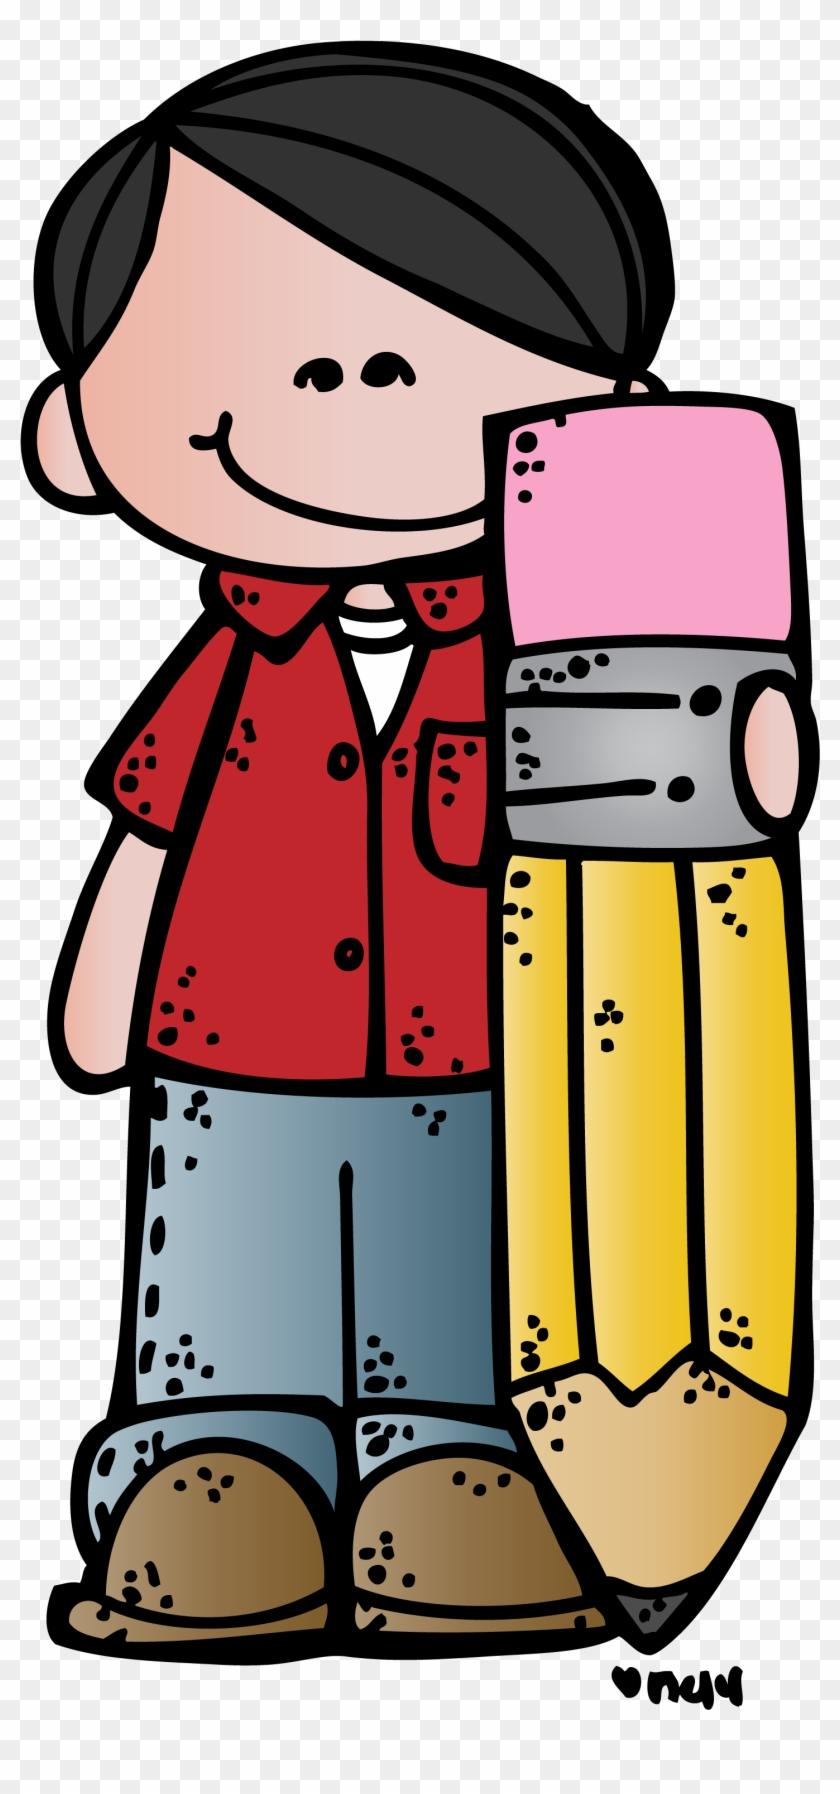 Boy 1 Wb Melonheadz Illustrating Llc 2014 Colored - Melonheadz Illustrating Llc #442790